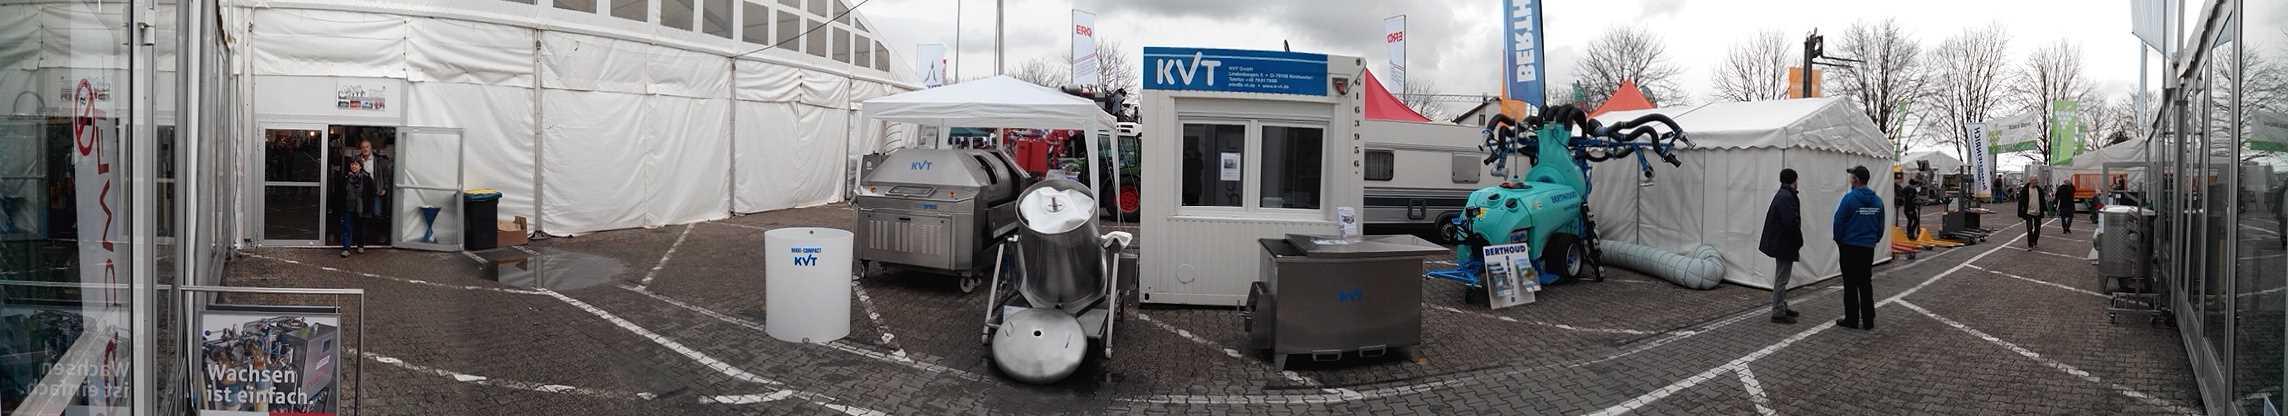 KVT_Agrartage_Nieder-Olm